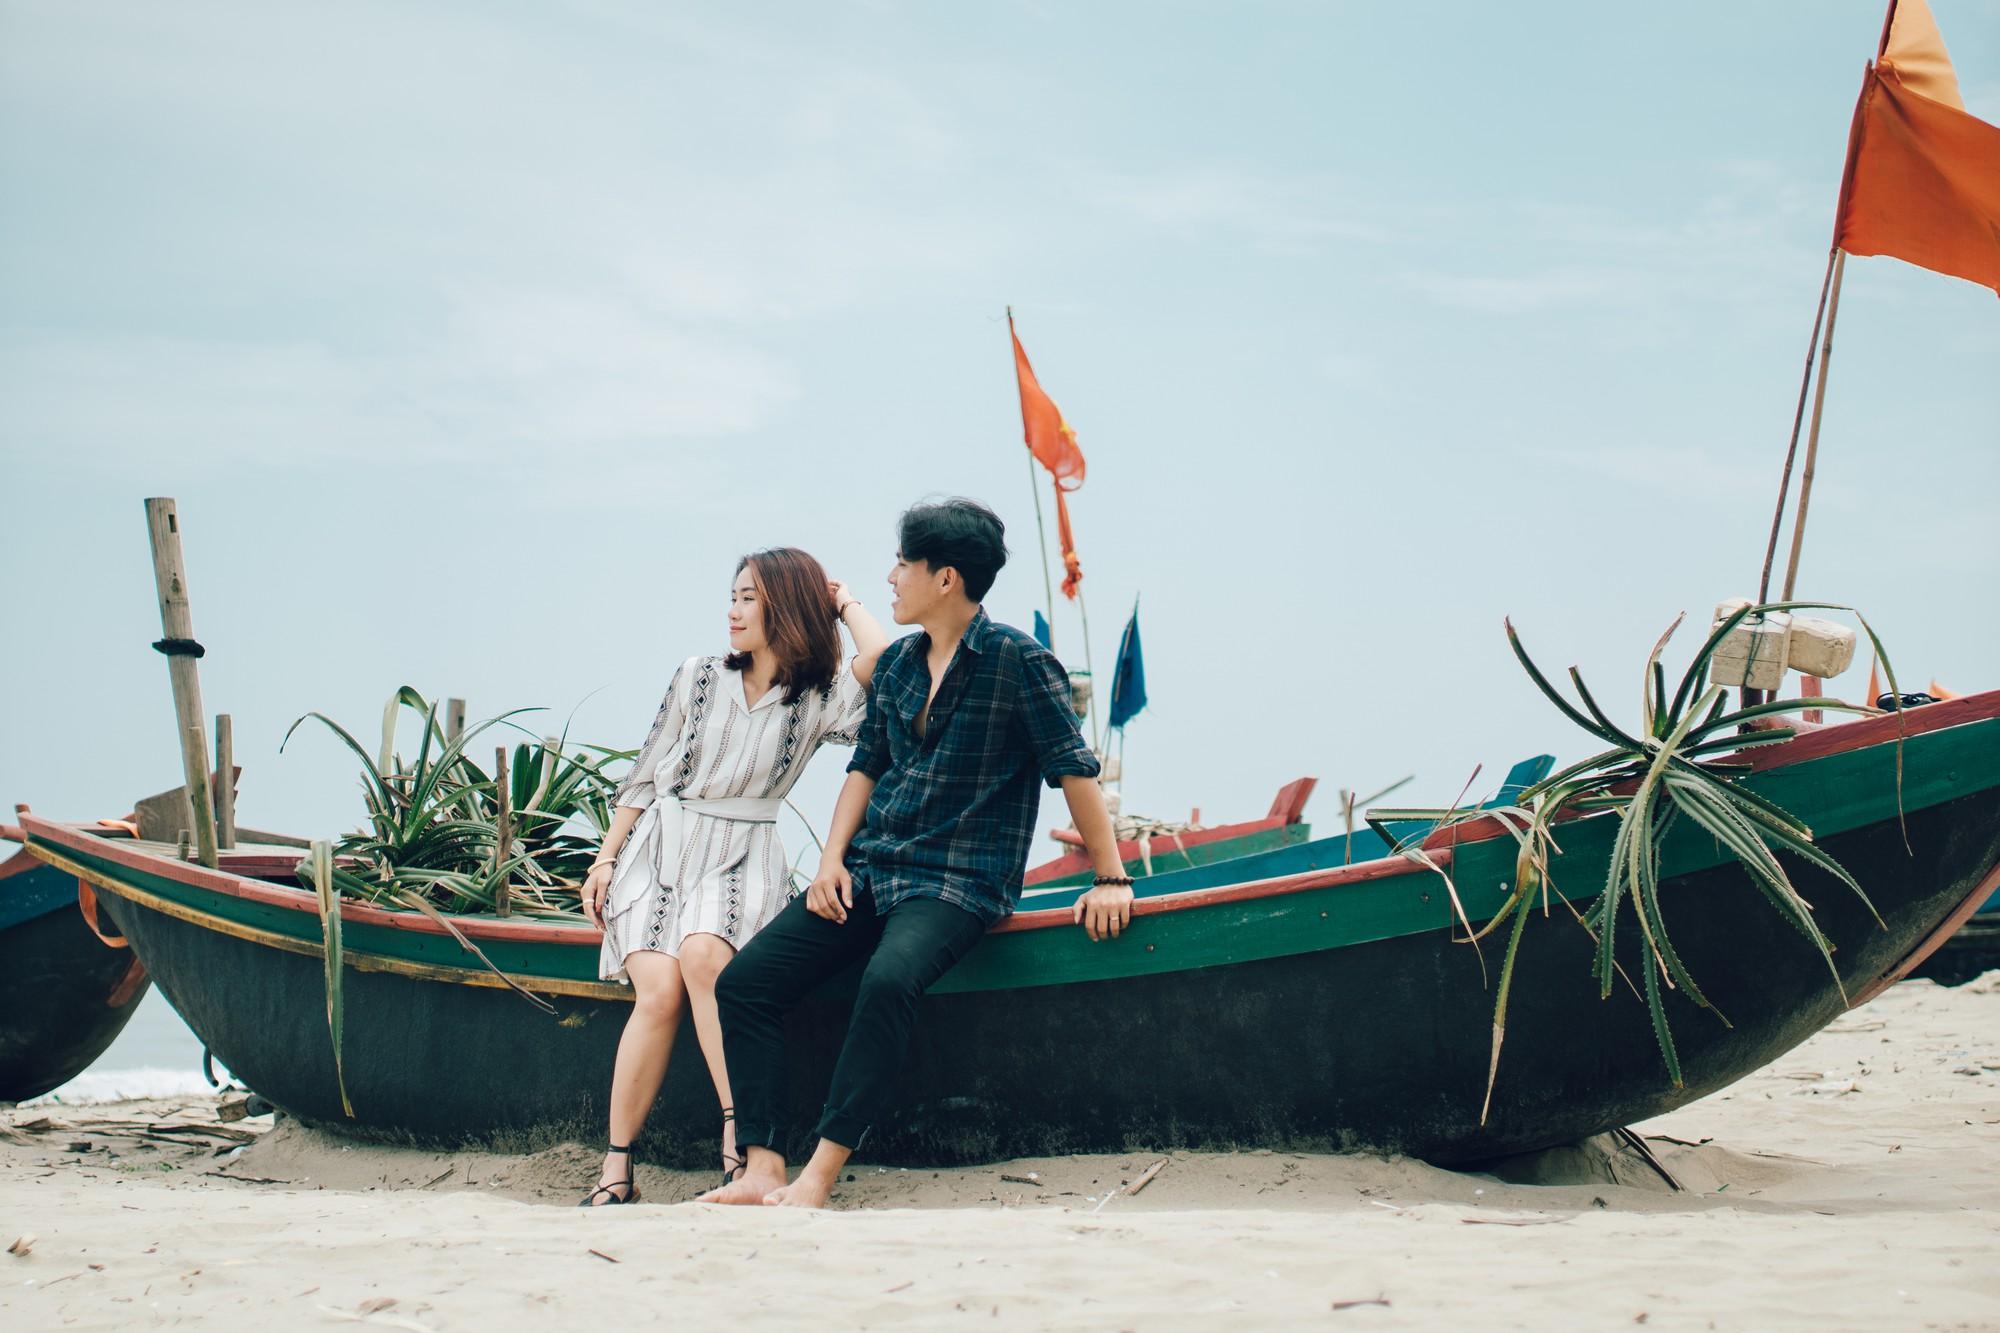 """5 năm yêu và đi của cặp DHS Việt tại Nhật: Bọn mình thường """"tiêu pha"""" nhiều đêm dài để mơ mộng cùng nhau - Ảnh 1."""